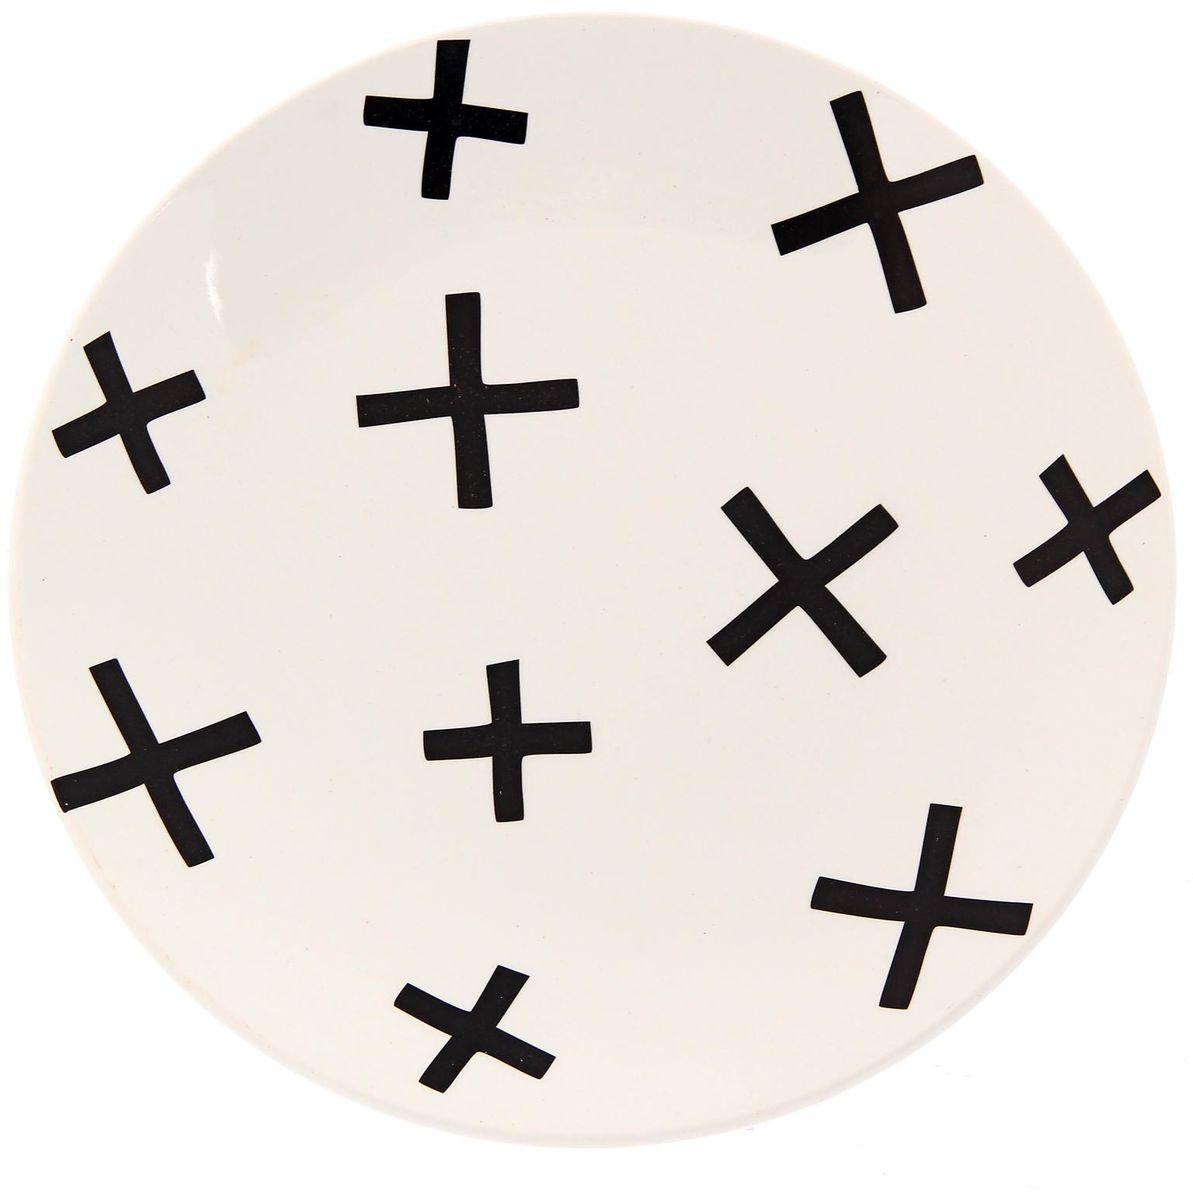 Тарелка Сотвори чудо My Little Cross, диаметр 22 см2277882Хотите обновить интерьер кухни или гостиной? Устраиваете необычную фотосессию или тематический праздник? А может, просто ищете подарок для близкого человека? Посуда « Сотвори Чудо» — правильный выбор в любой ситуации. Её достоинства: изящный фаянс нежного сливочного цвета; стойкость краски; пригодность для посудомоечных машин.